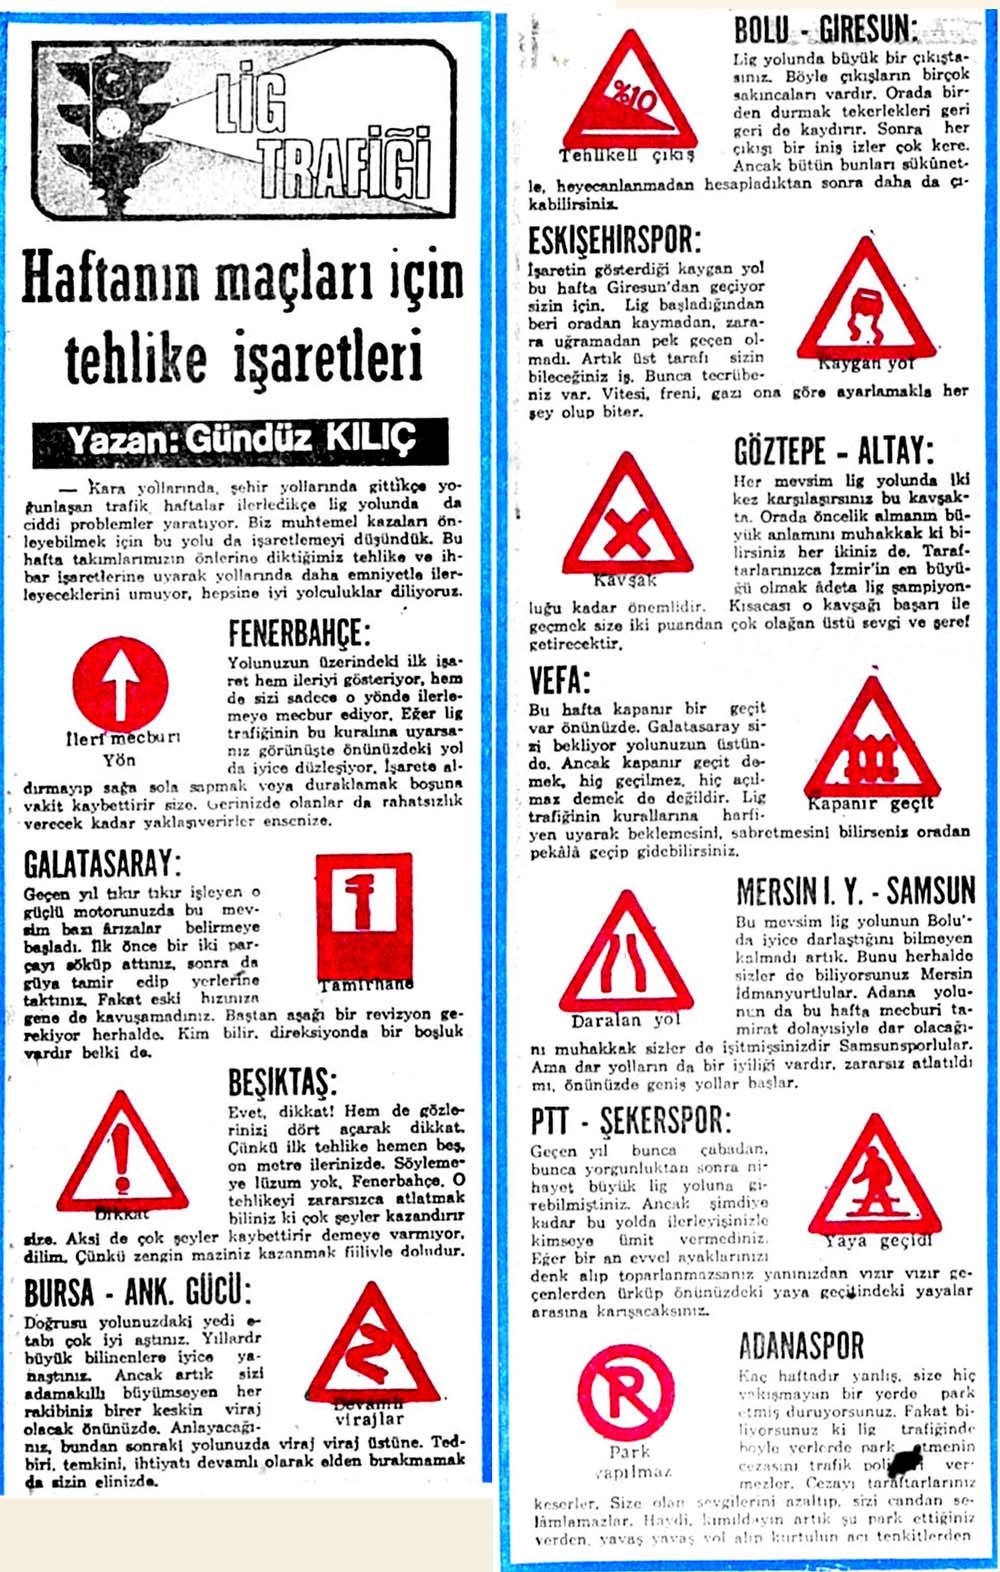 Haftanın maçları için tehlike işaretleri